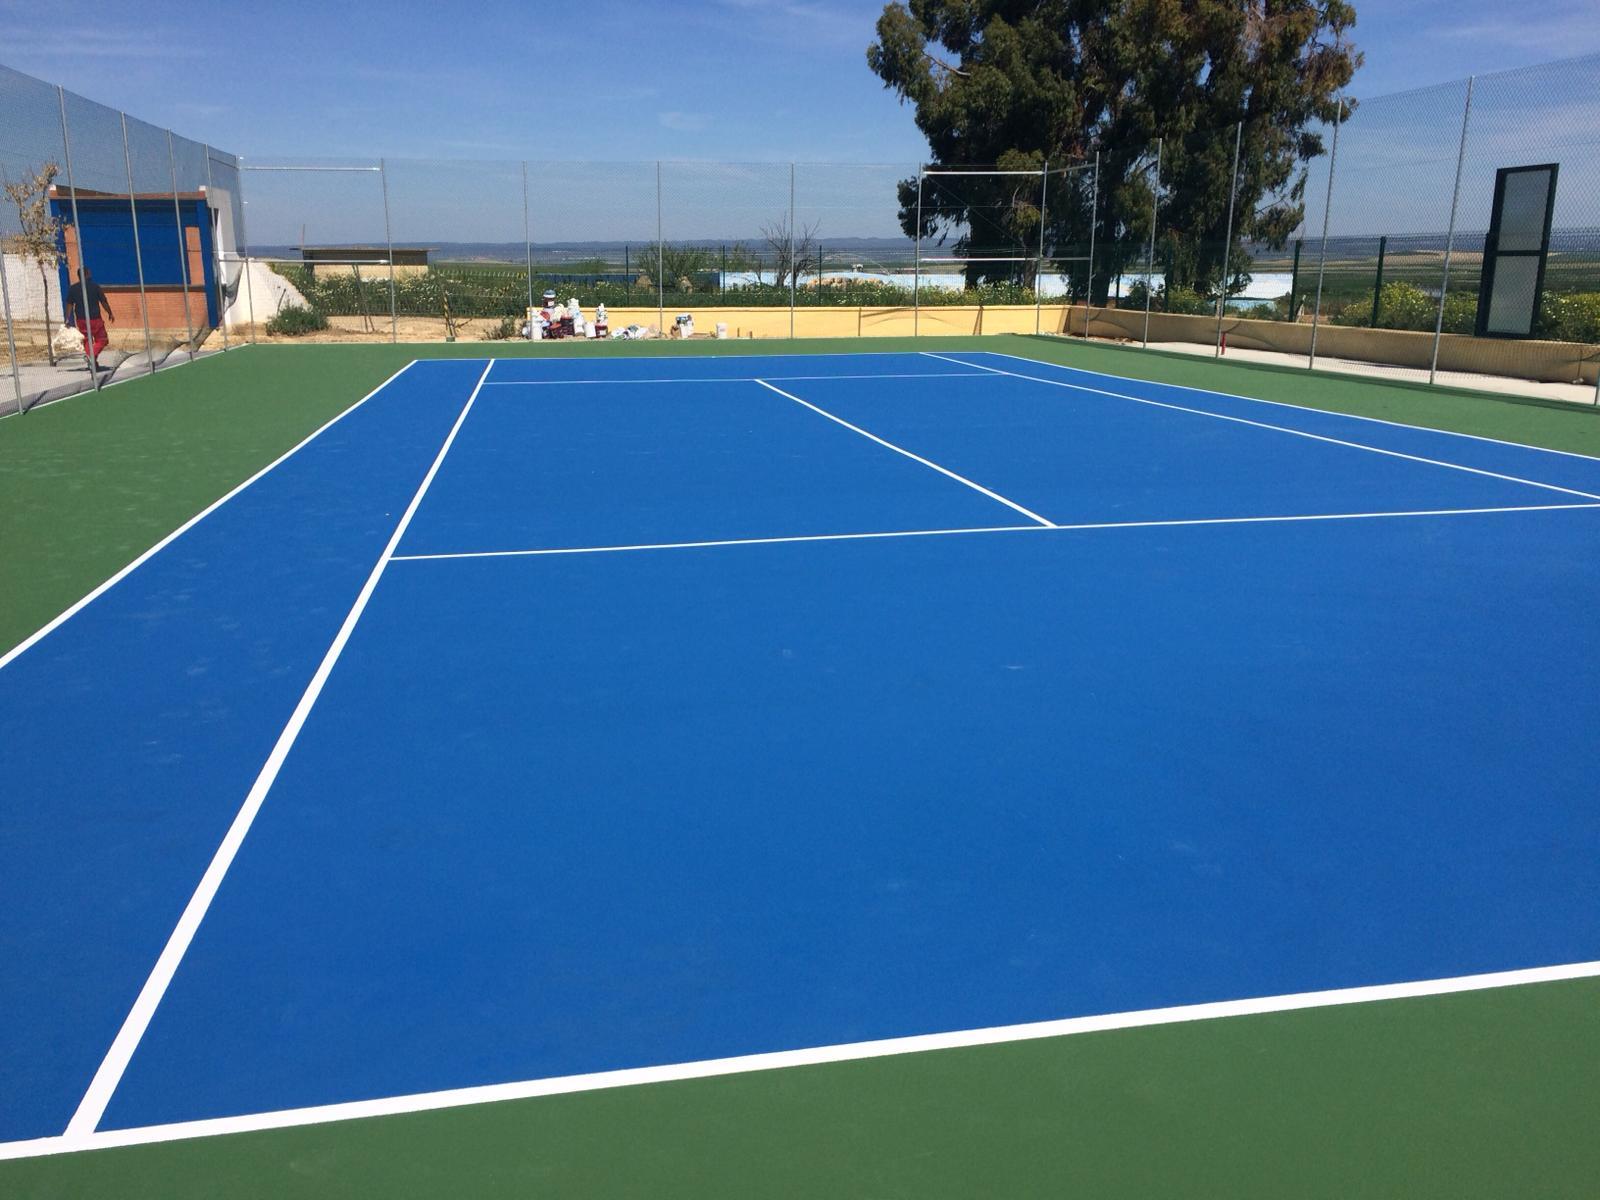 Wollsport Tennis para pintas deportivas de tenis y pádel